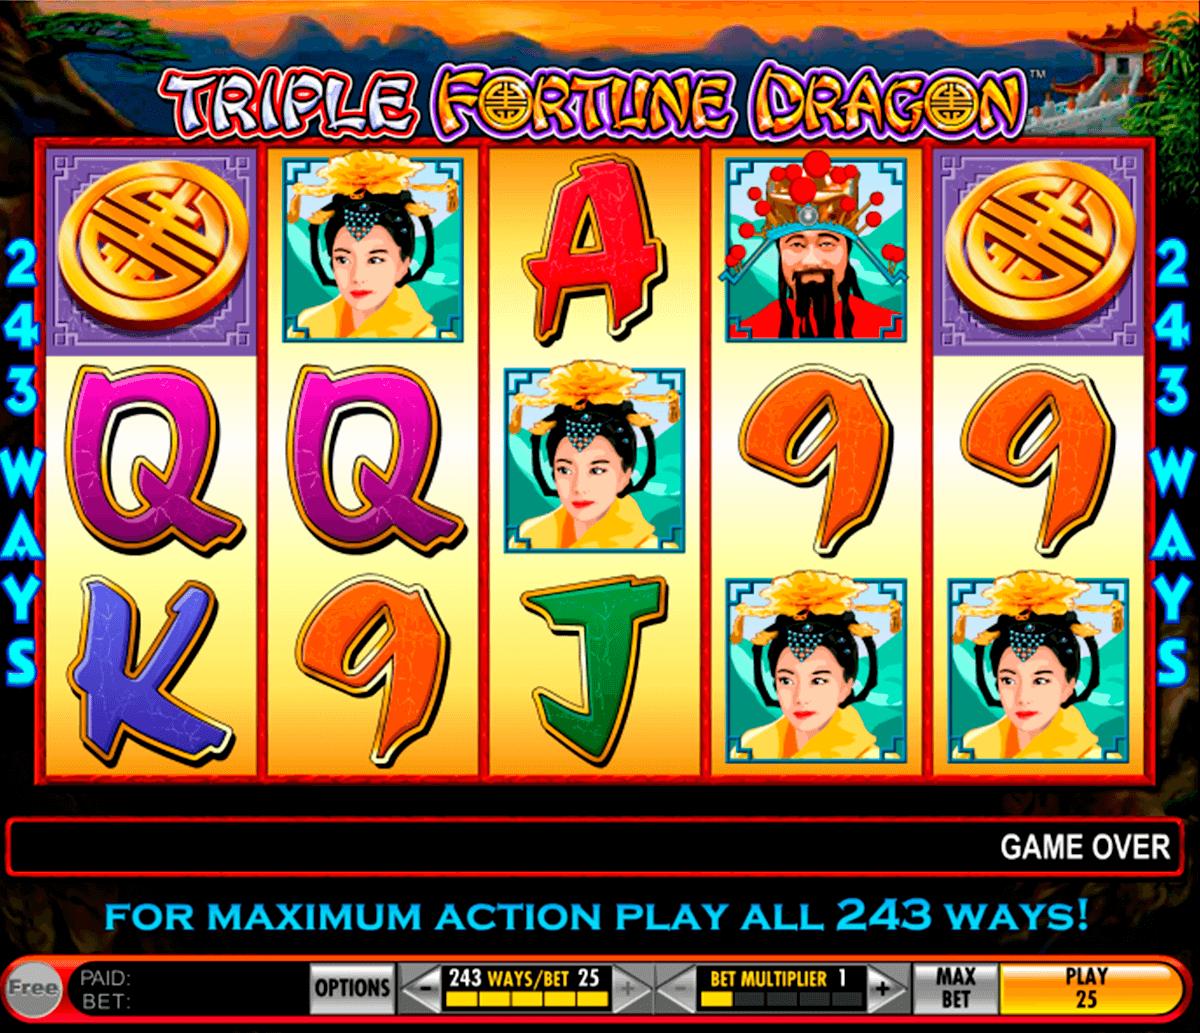 Casino en linea tragamonedas gratis Triple HiLo-668147